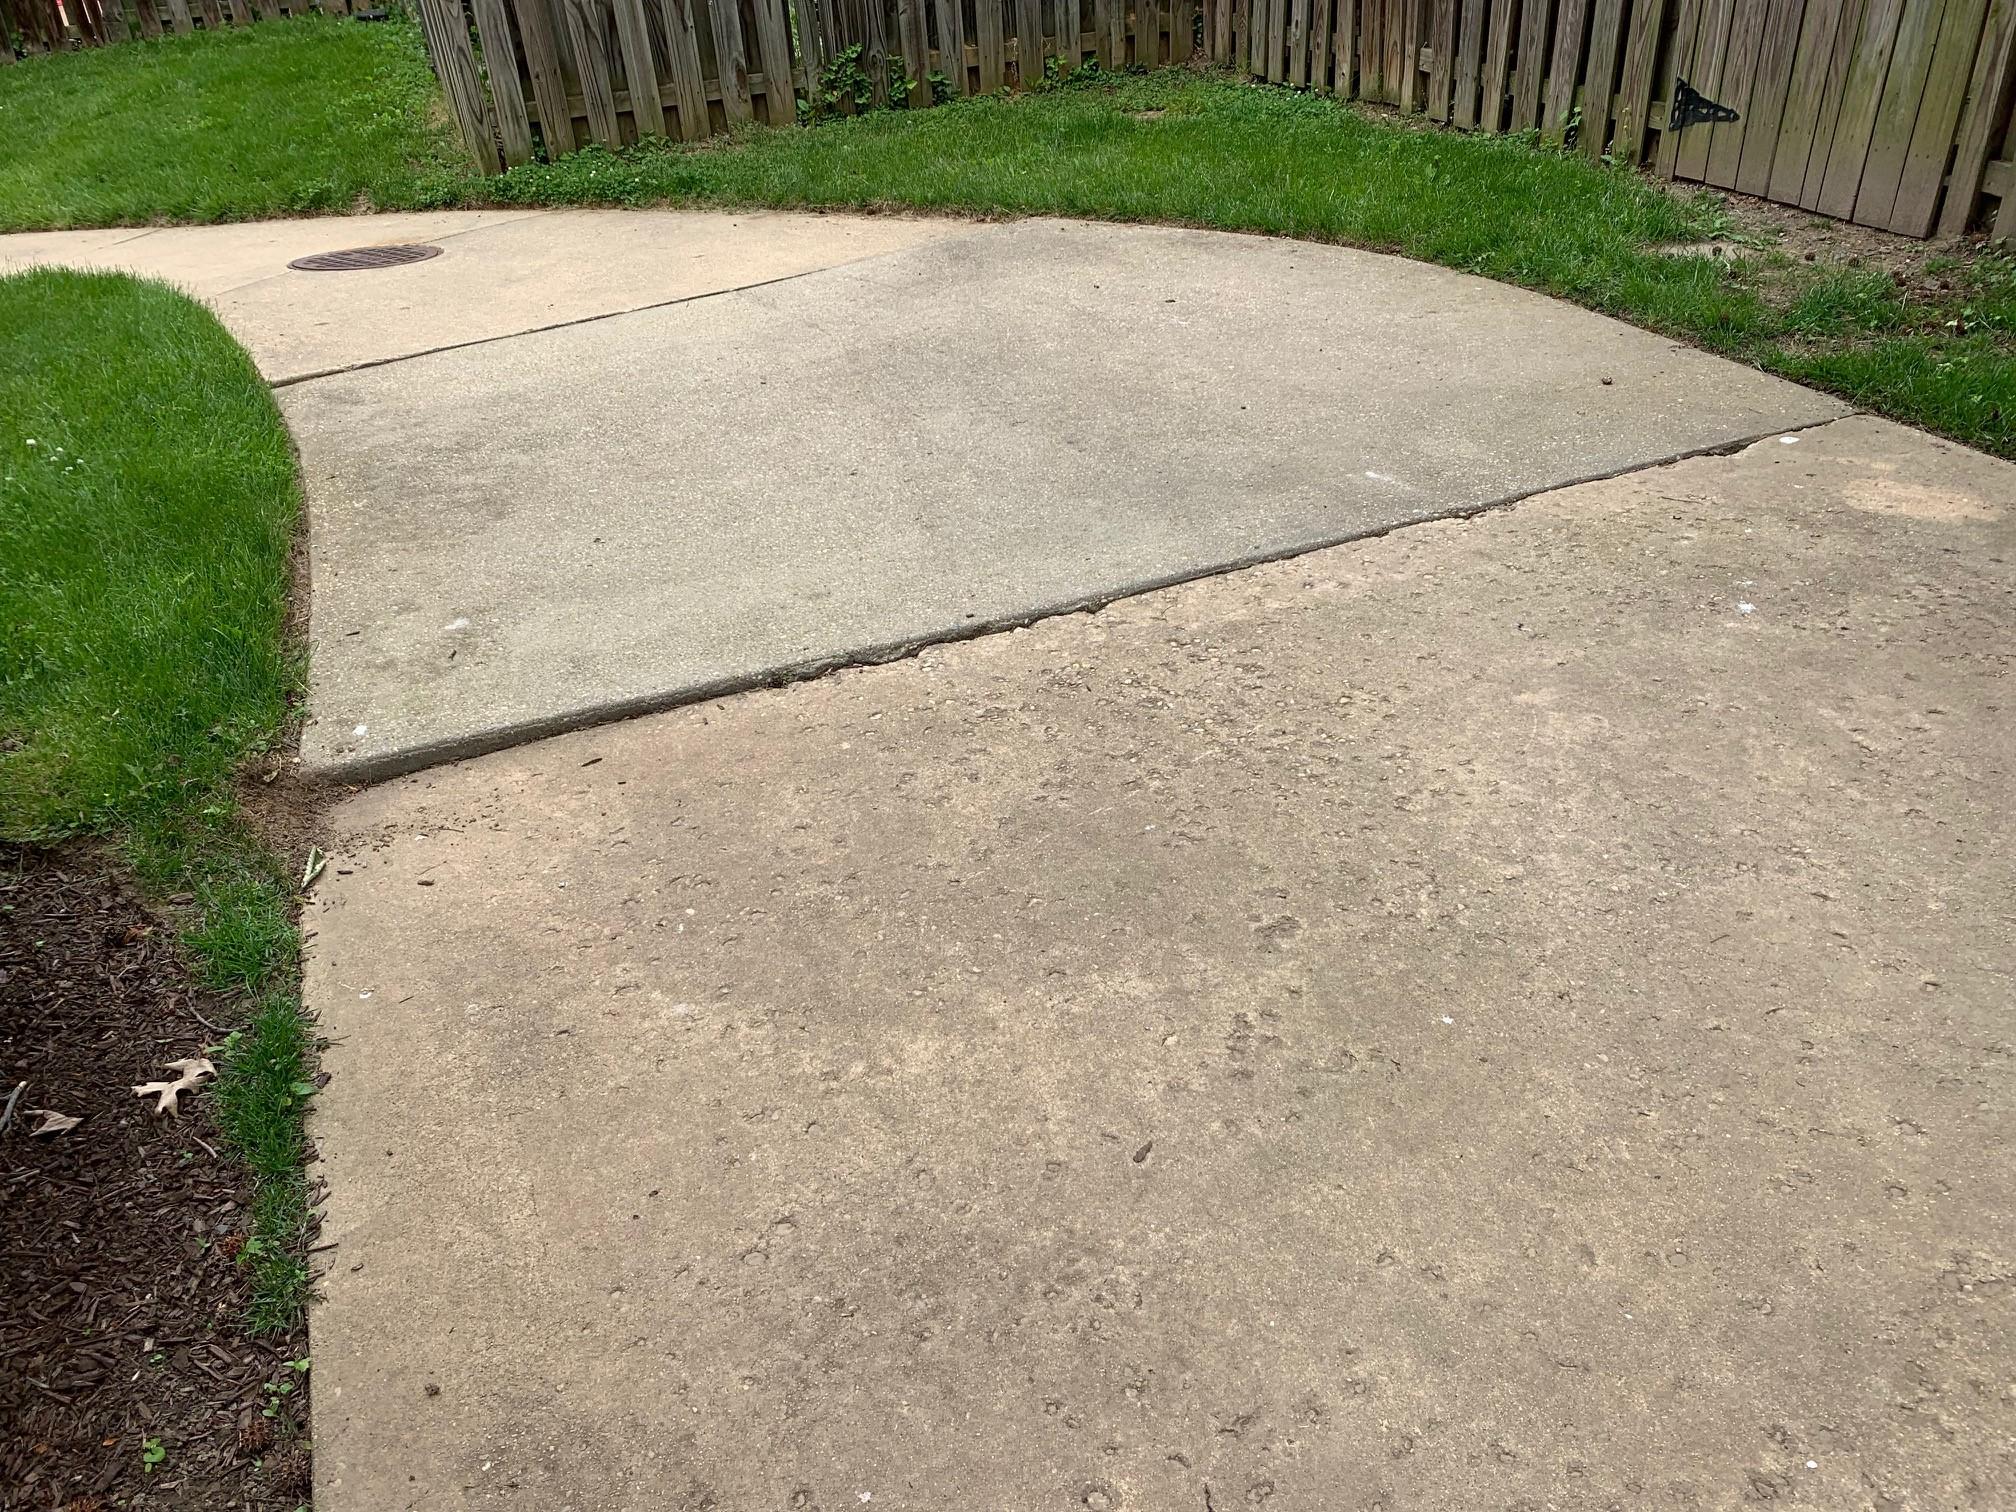 sidewalk-curb-panel-repair1.jpg